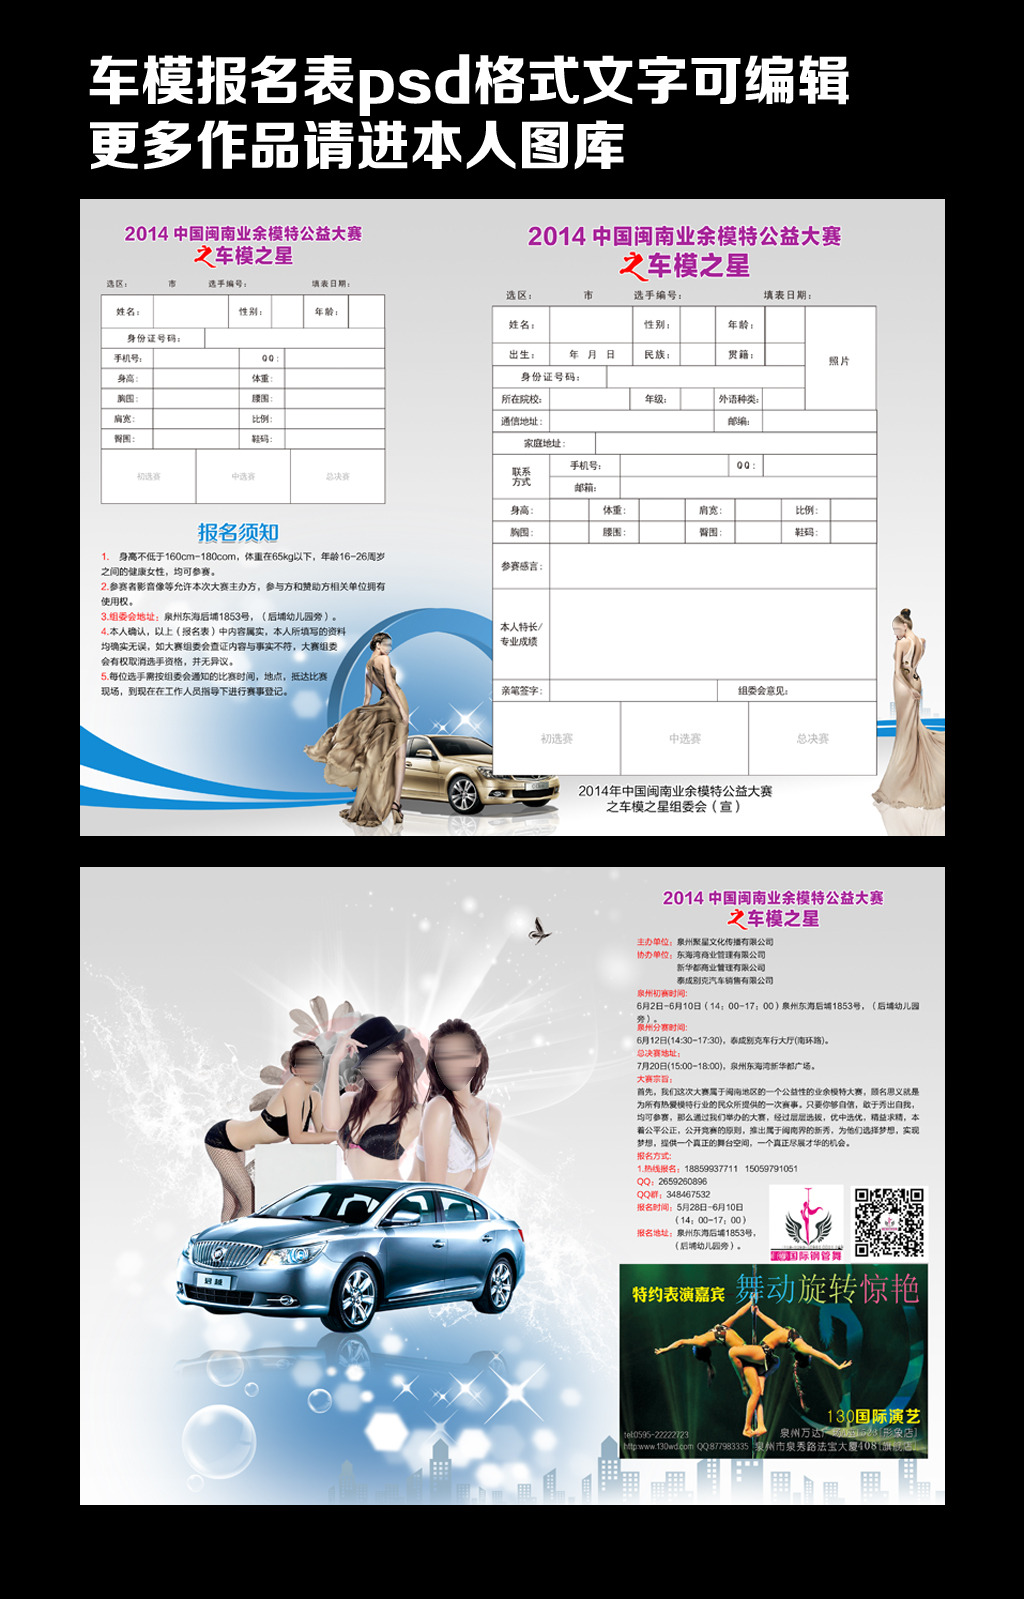 车模报名表彩页模板下载 车模报名表彩页图片下载 车模报名表彩页